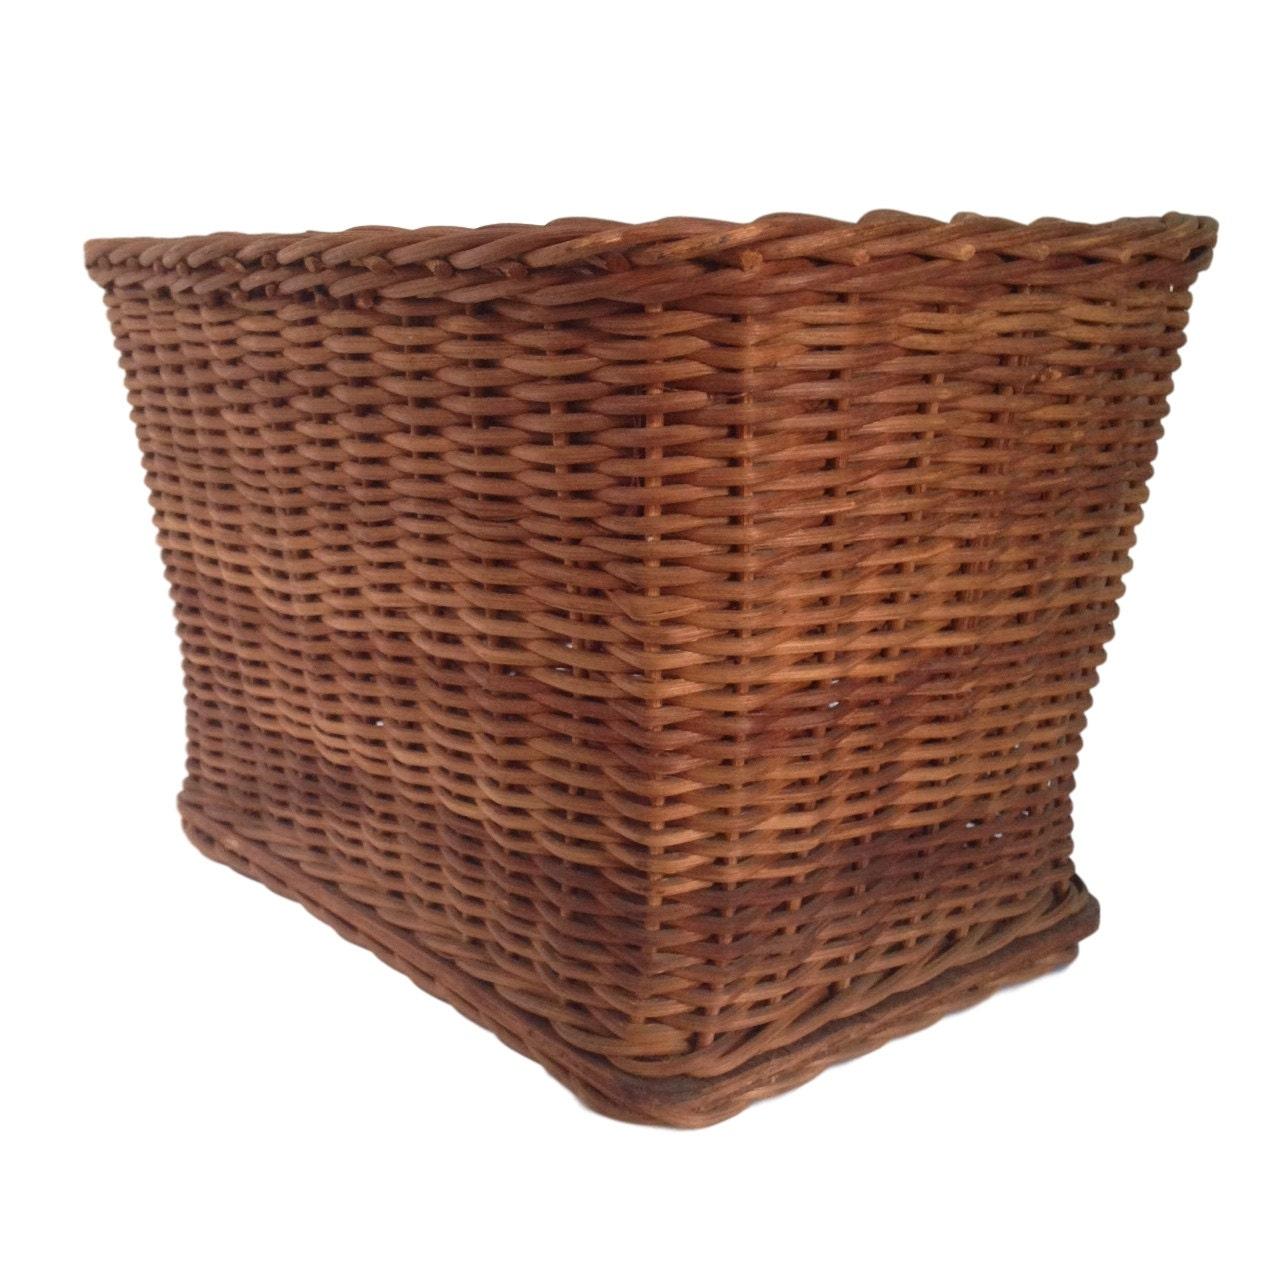 Basket Home Decor: Vintage Bicycle Basket Wicker Basket For Bike Or Home Decor